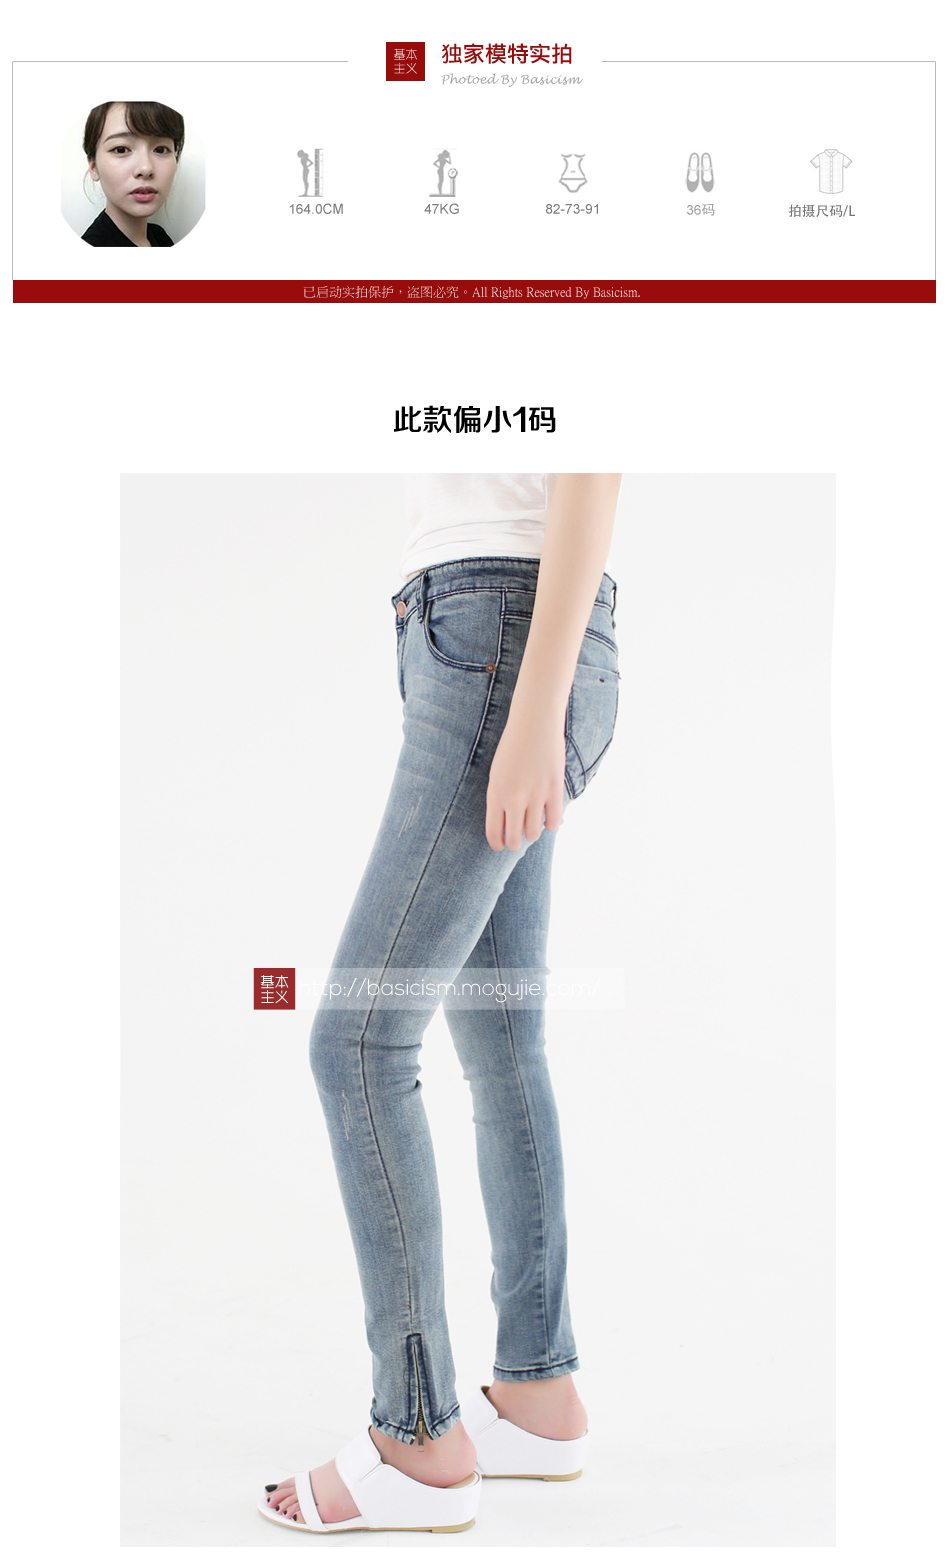 牛仔裤裤脚折法 小脚牛仔裤裤脚折法